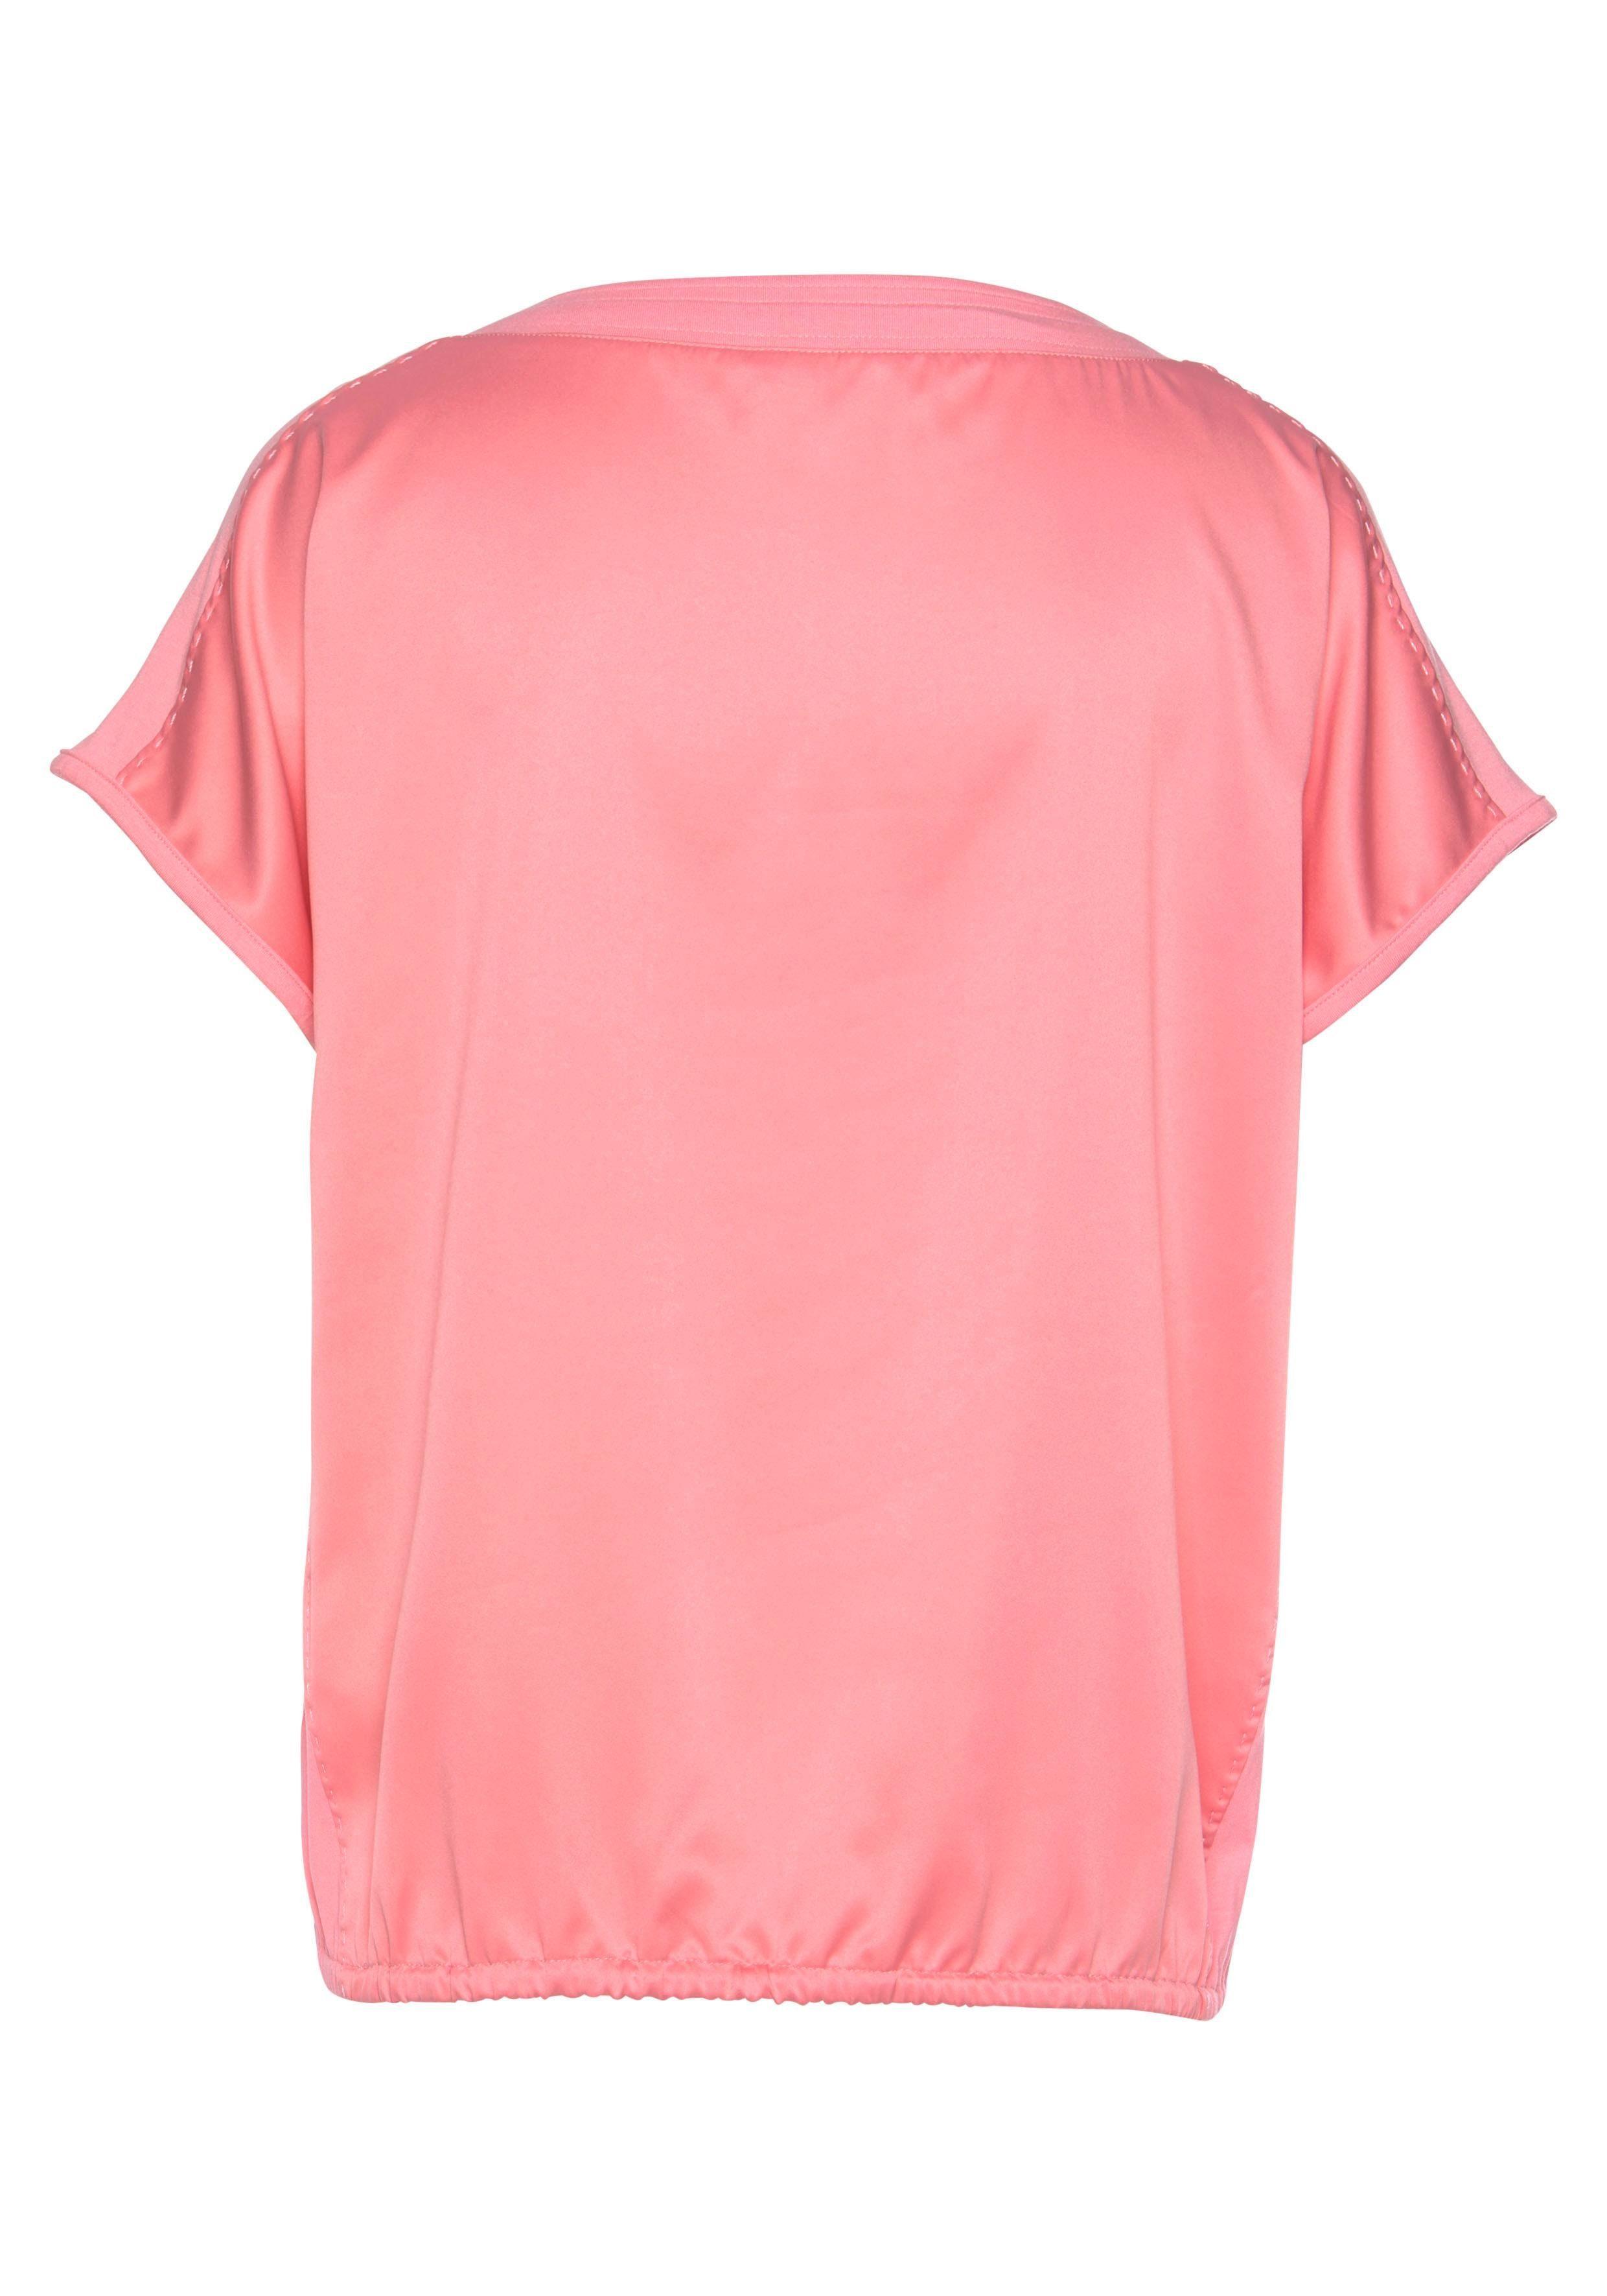 Toni Shirt Fily Makkelijk Besteld - Geweldige Prijs